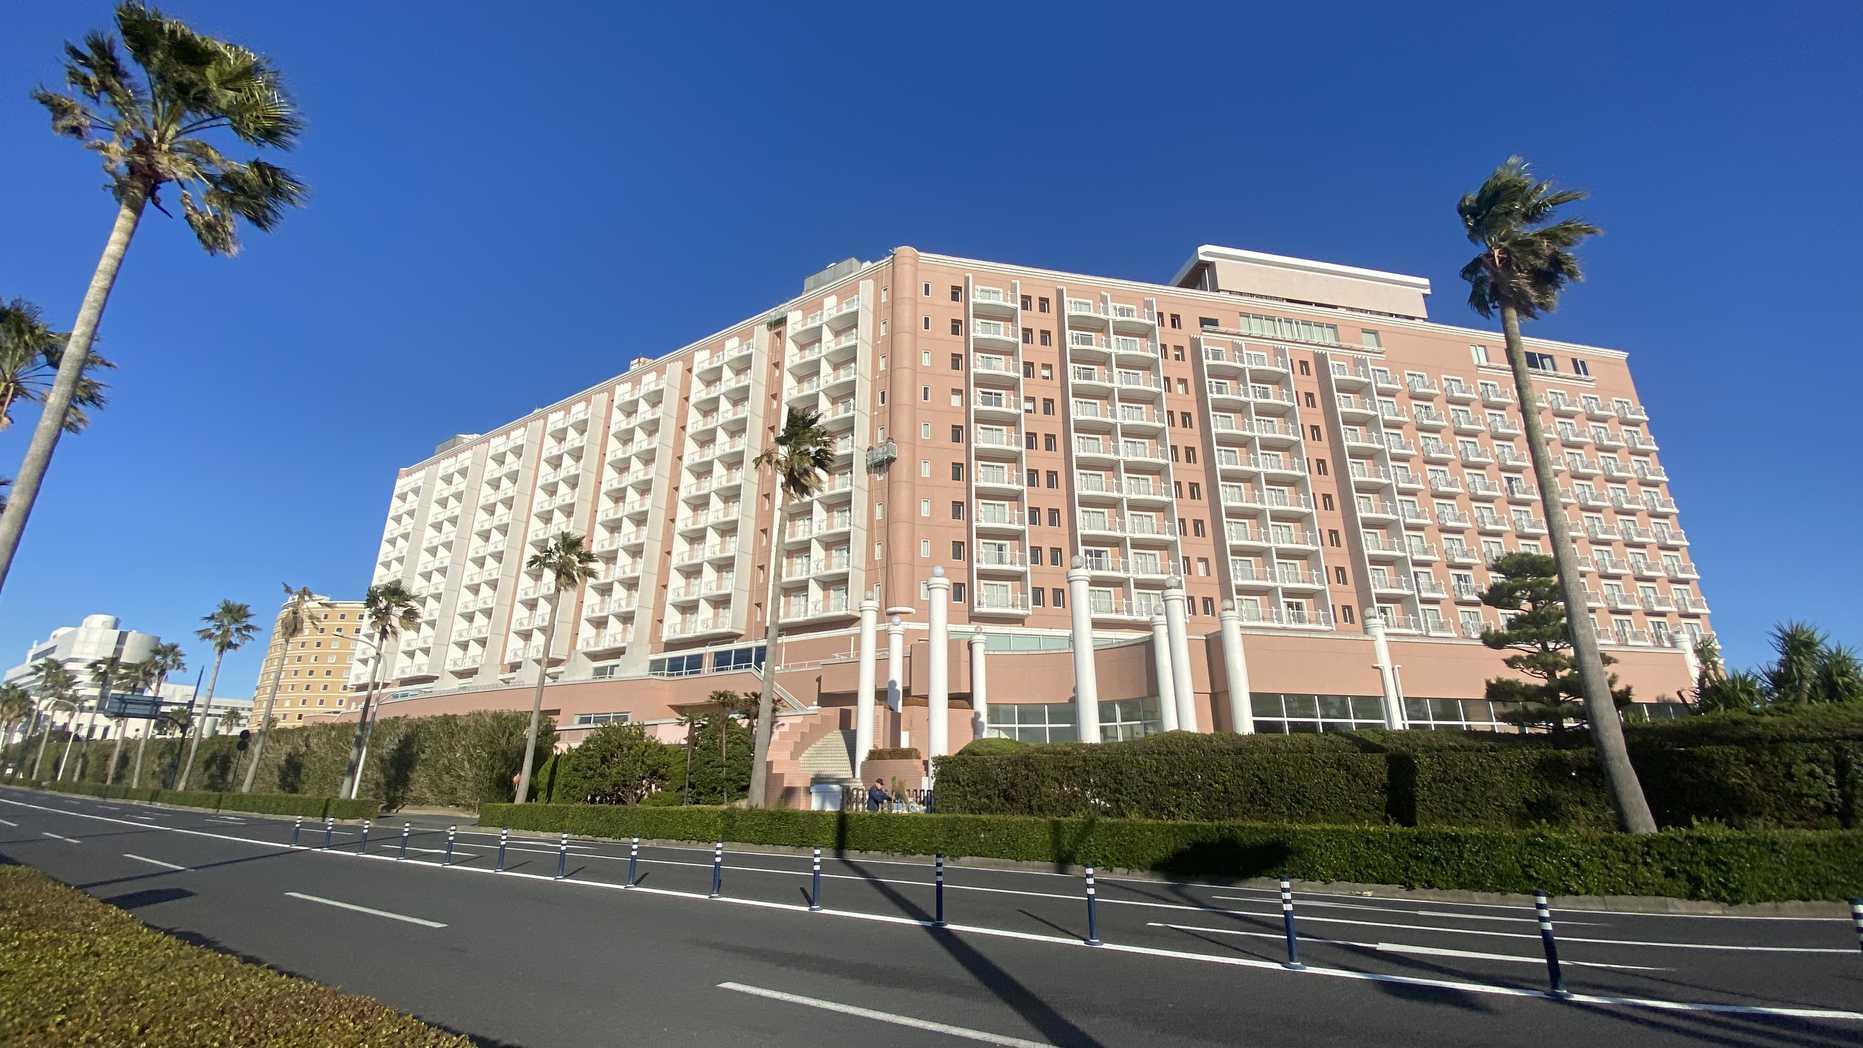 東京ベイ舞浜ホテルクラブリゾートの外観